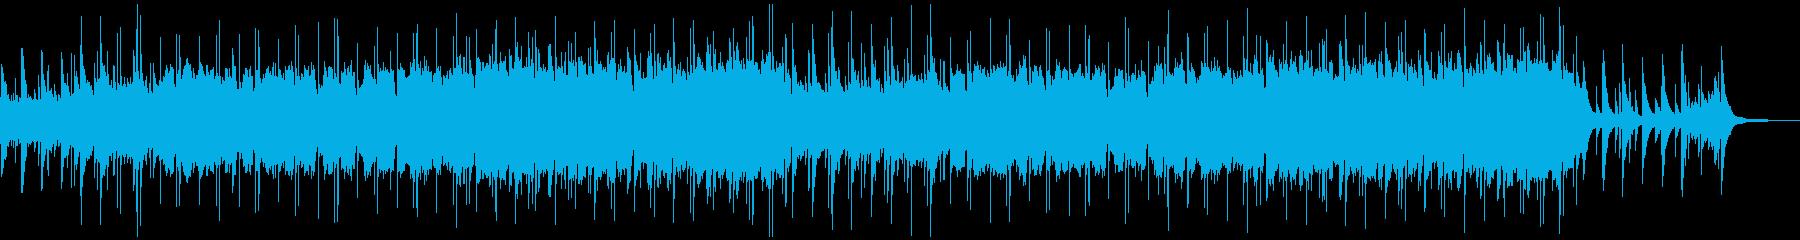 オーボエとピアノの哀愁漂うバラードの再生済みの波形